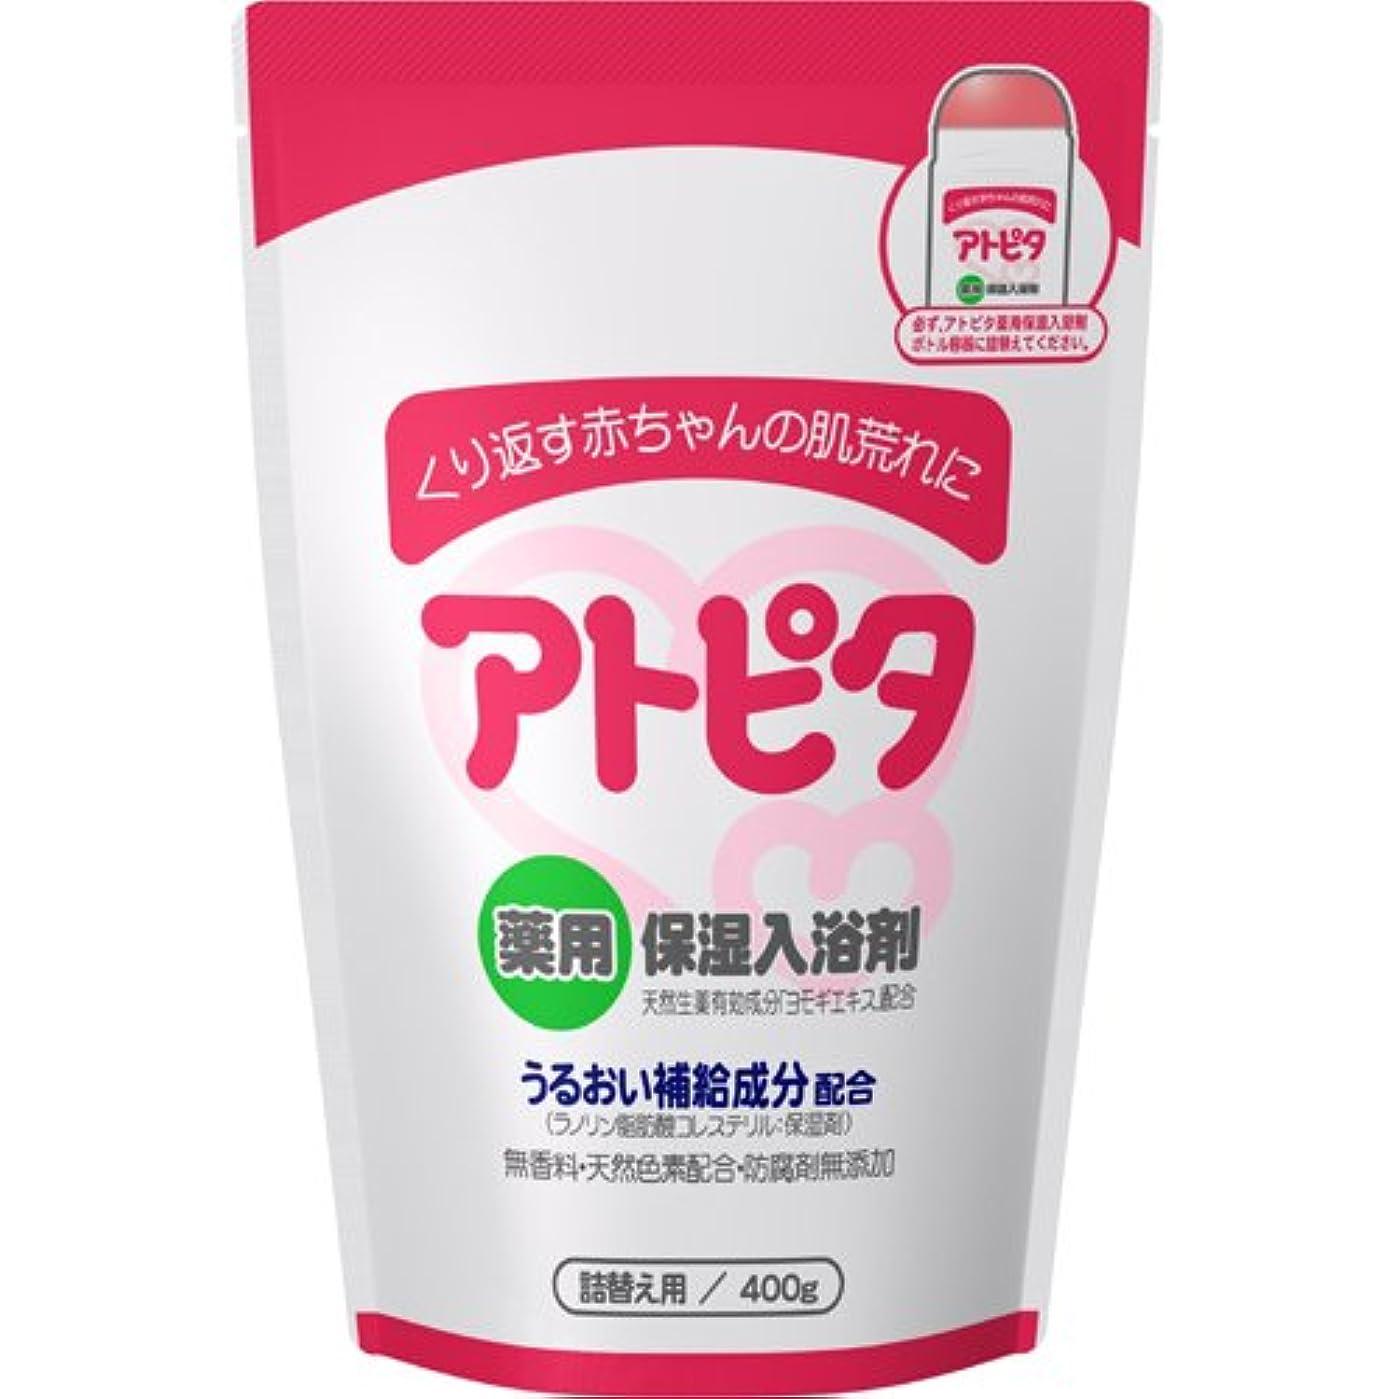 毛細血管登る幻影新アルエット アトピタ 薬用入浴剤 詰替え 400g ×5個セット